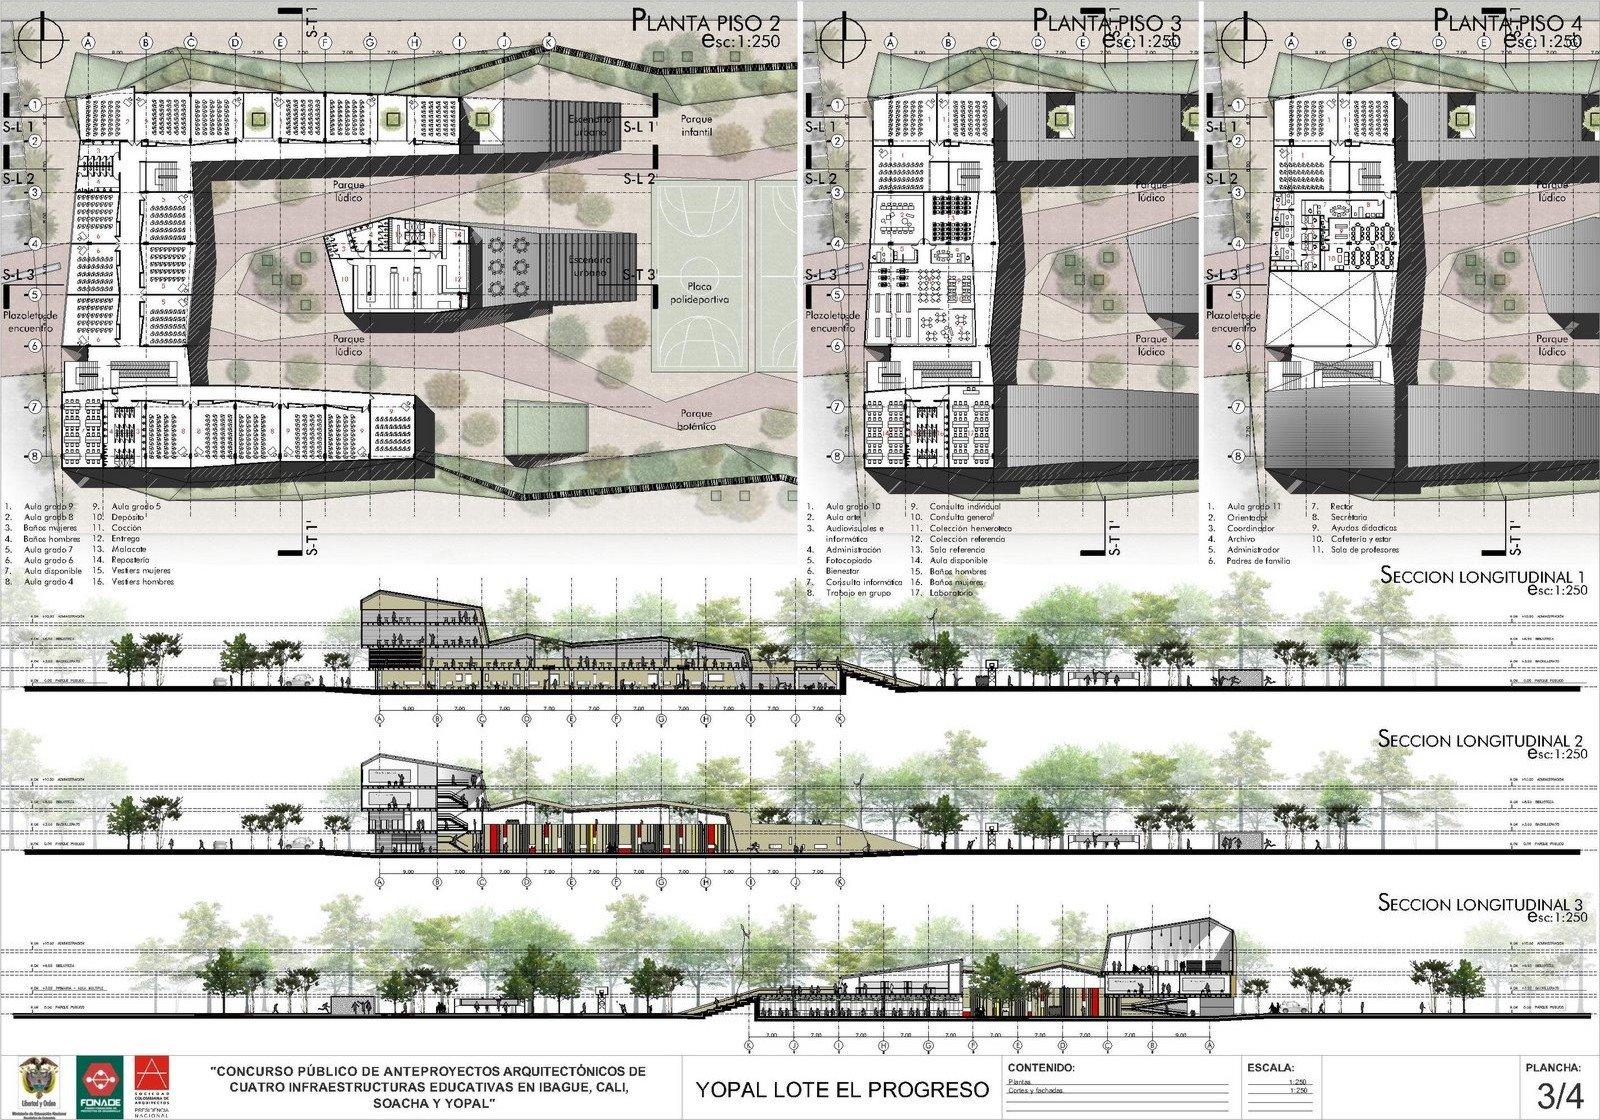 concursos 2 proyecta arquitectura On concursos de arquitectura